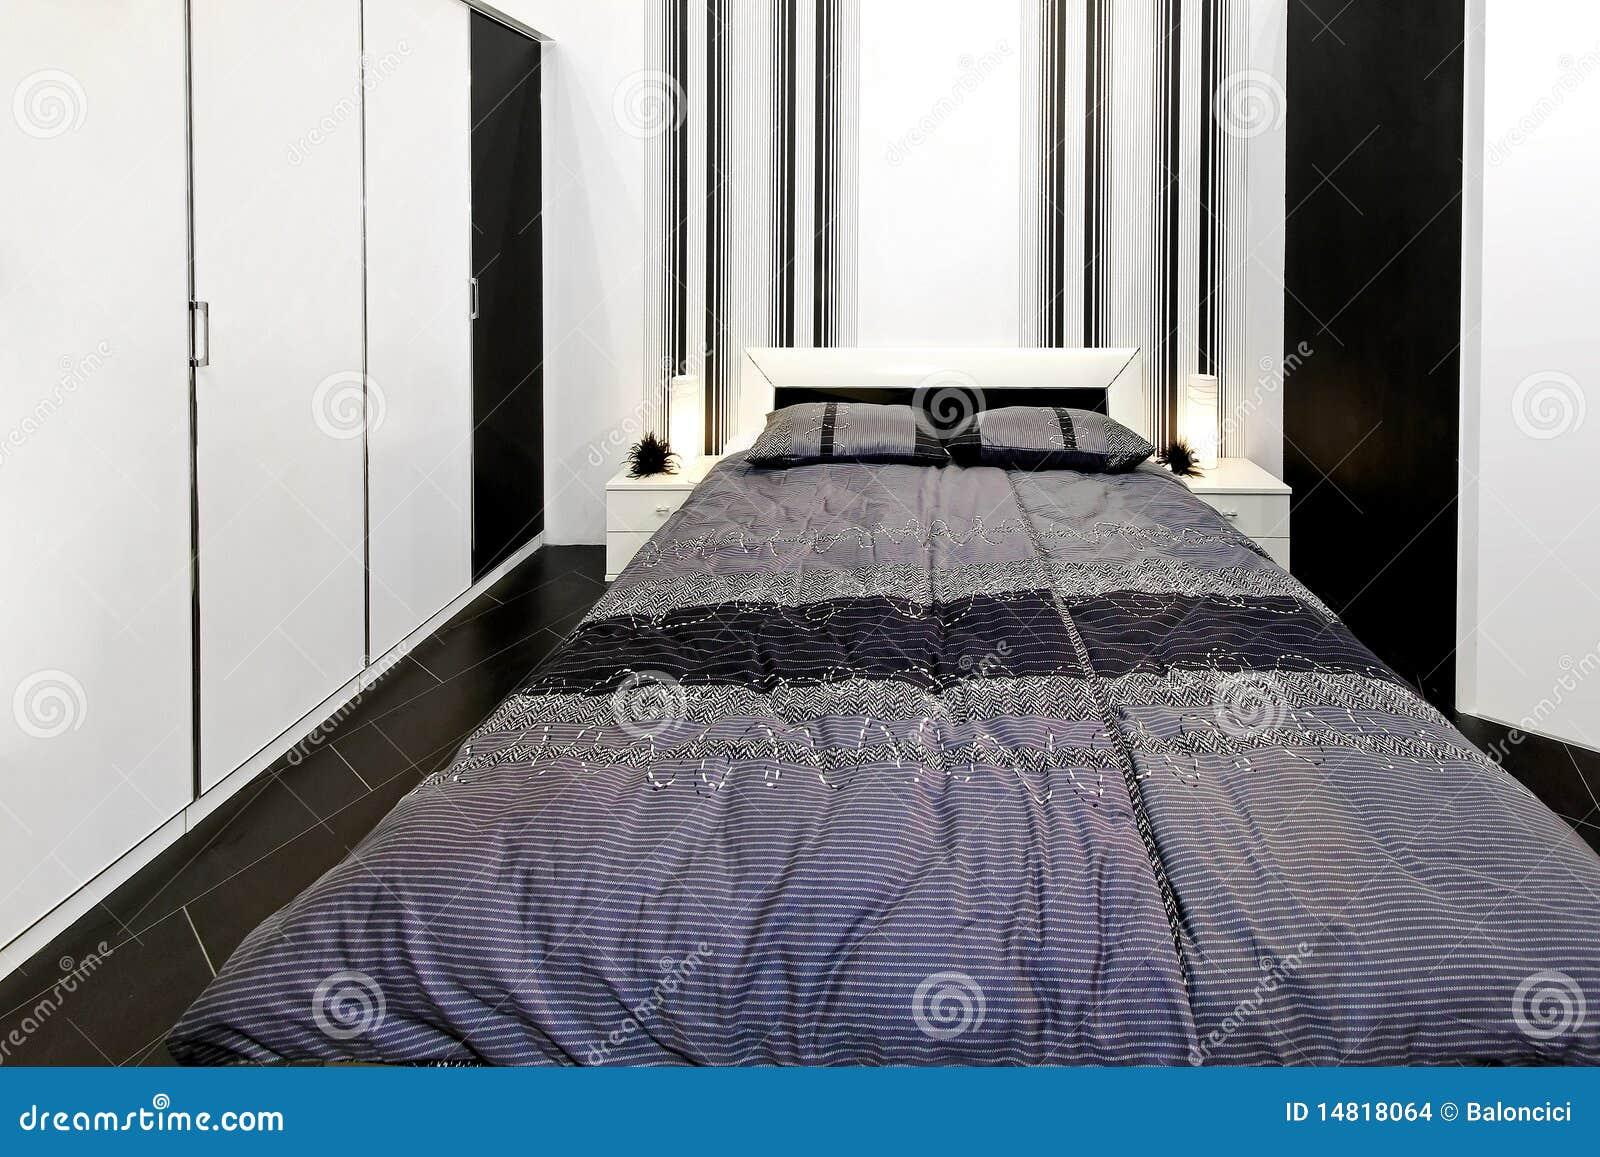 Camere Da Letto In Bianco E Nero : Camera da letto in bianco e nero fotografia stock